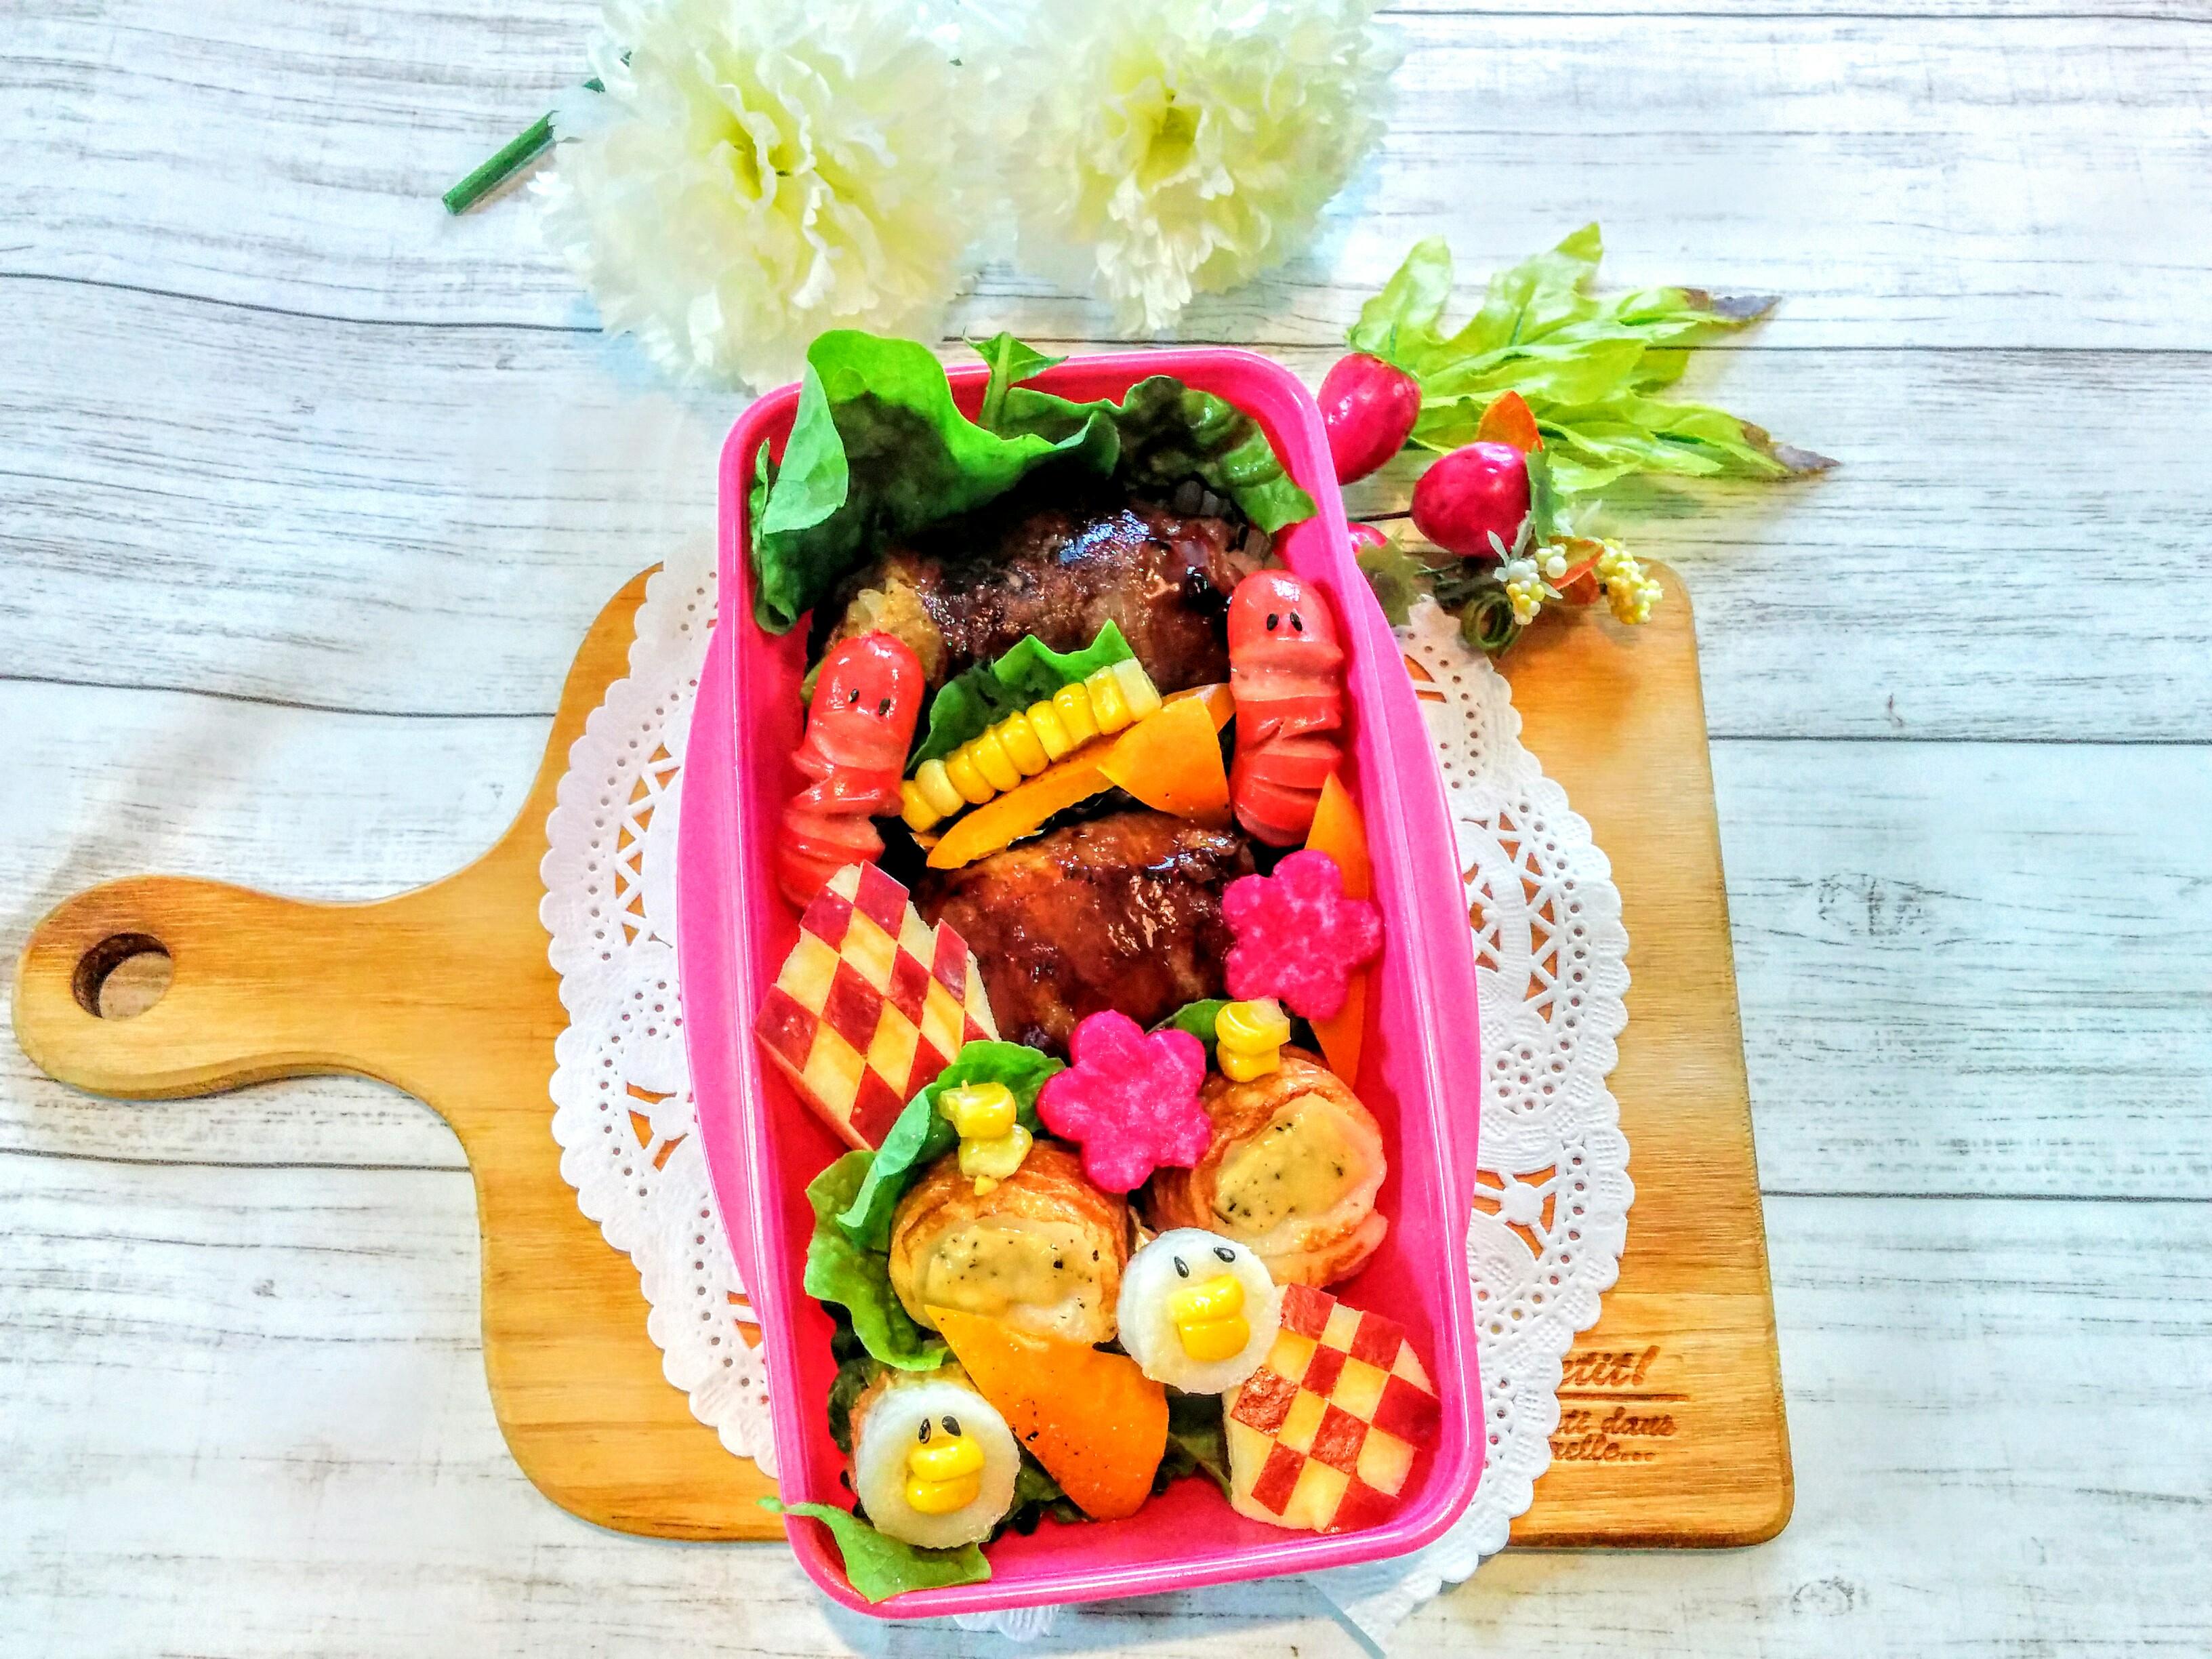 【小樽】娘の今日のお弁当・肉巻きお握り弁当グルメ案内です。